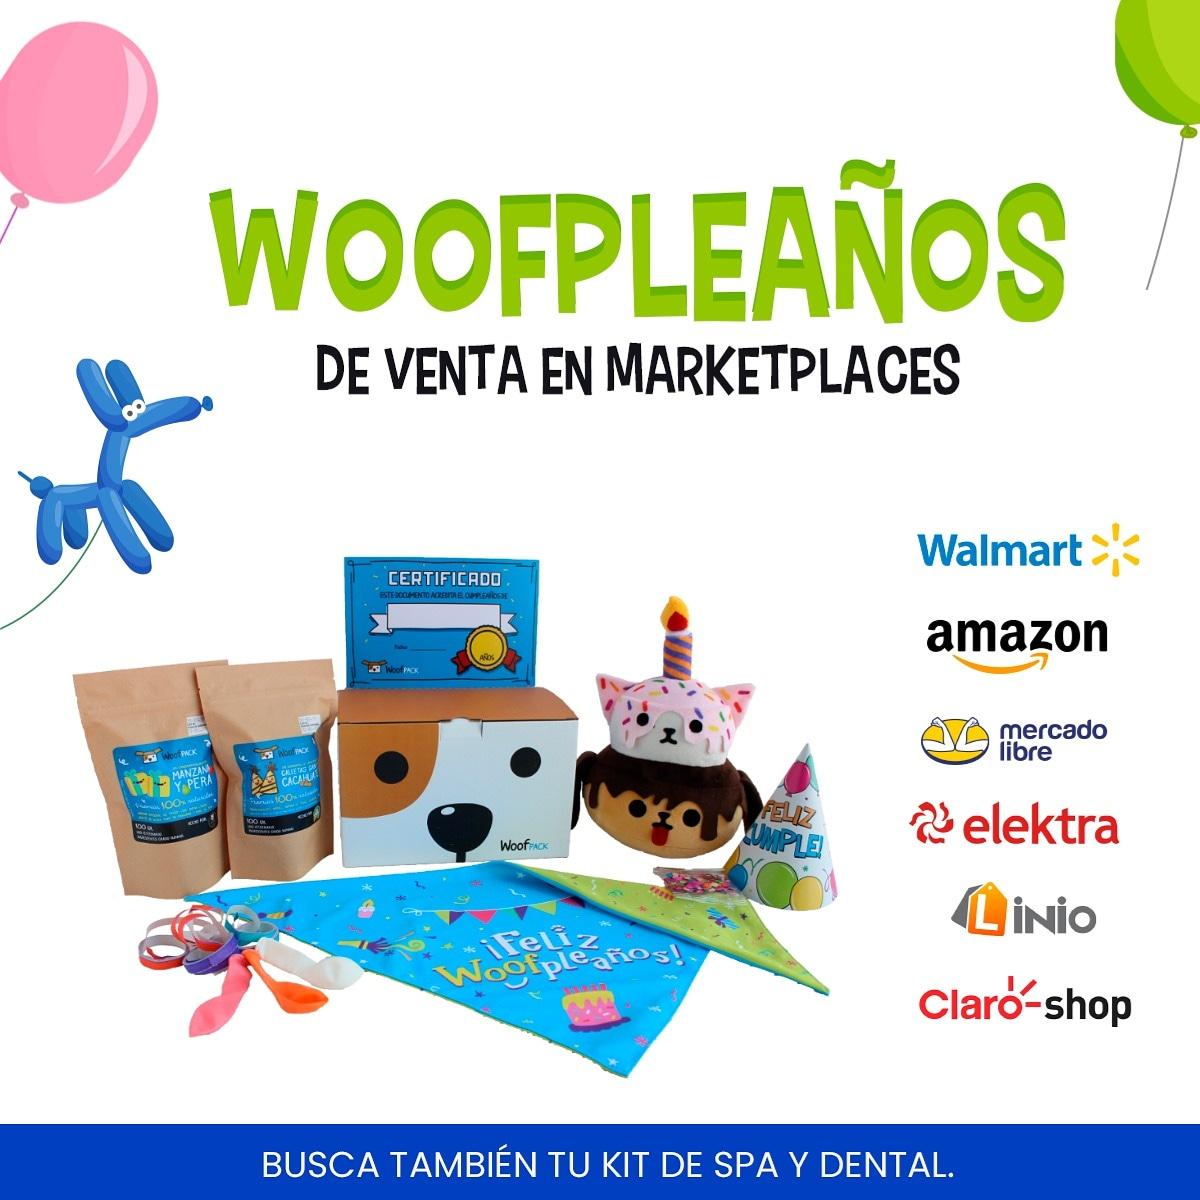 Recuerda que ya puedes encontrar nuestras cajas, juguetes y snacks en tu marketplace favorito 😉 https://t.co/bdADrFwWQP